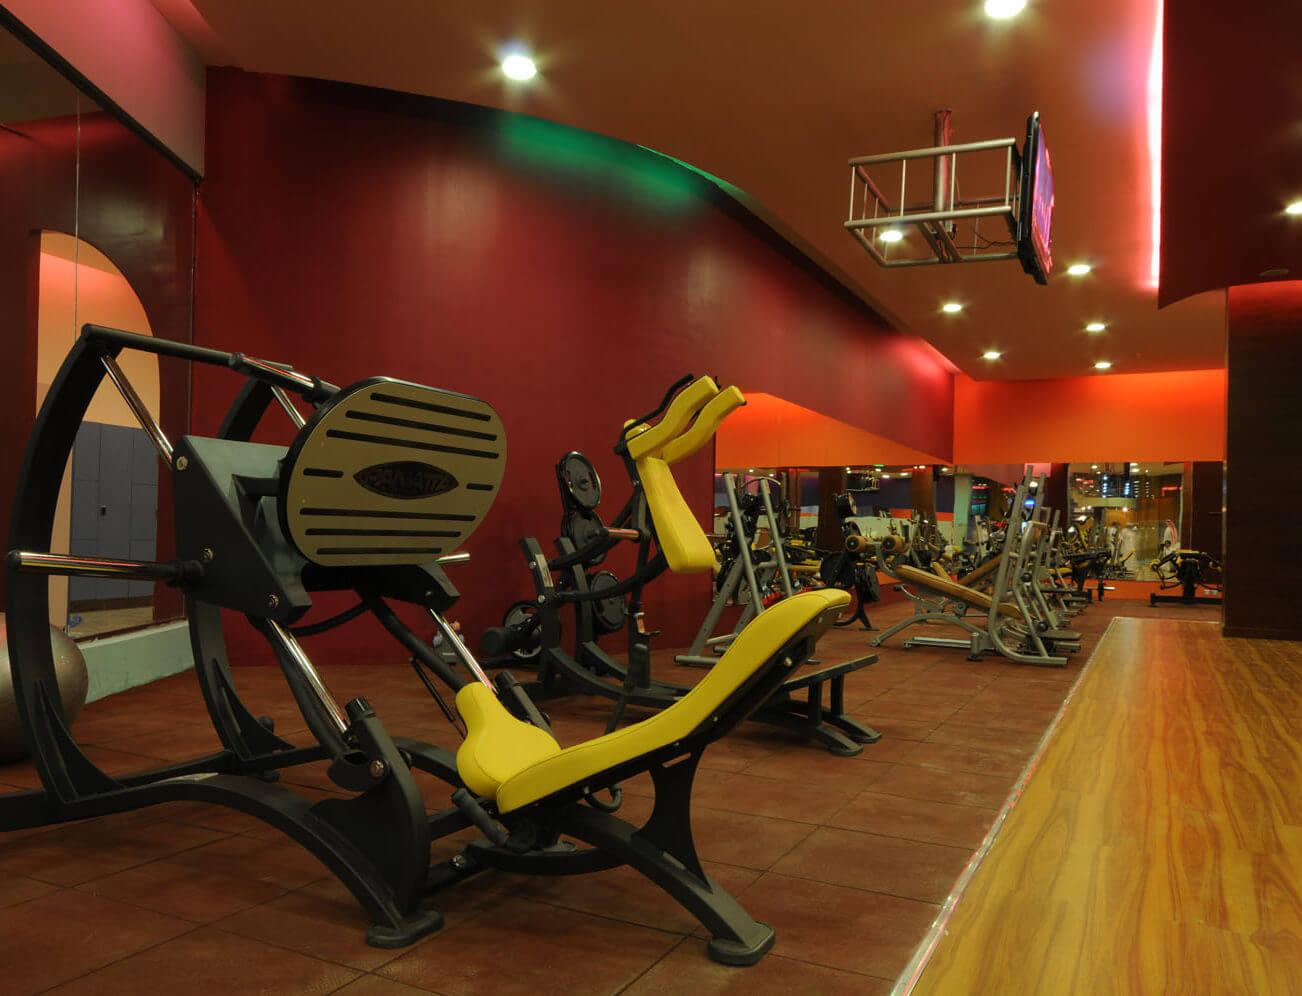 Galerie echipamente fitness 2016 - 11